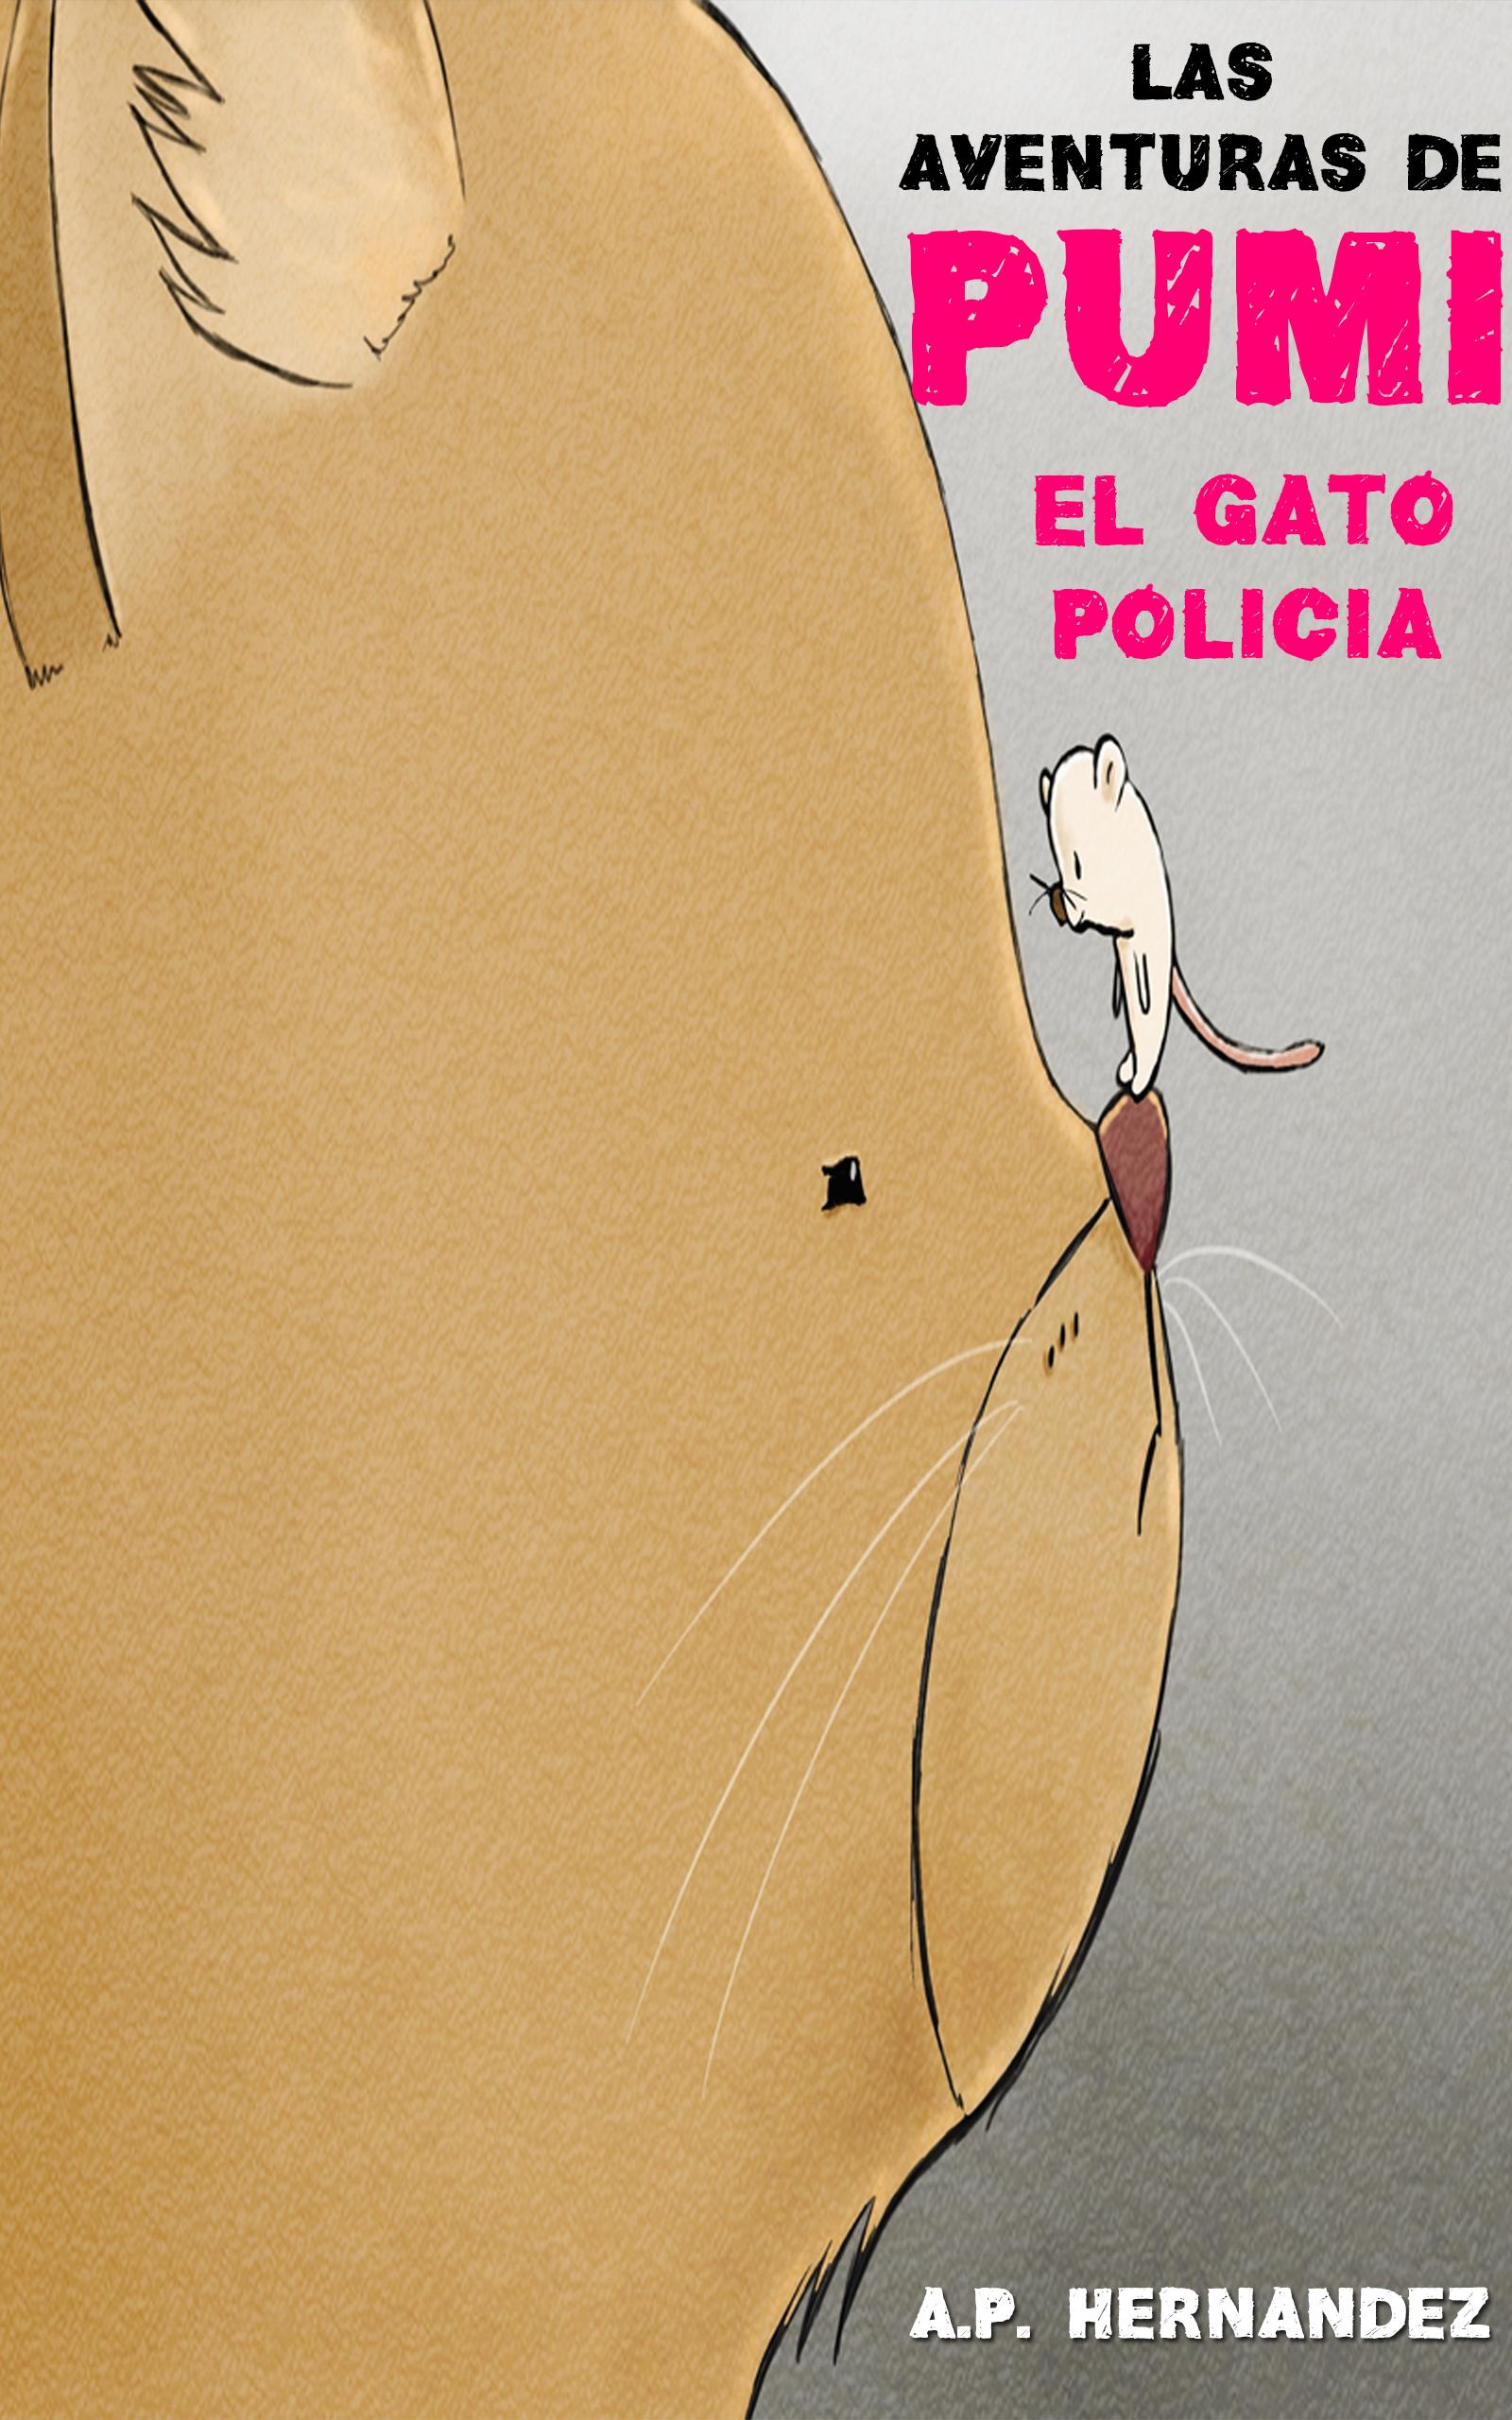 Las aventuras de pumi, el gato policía.